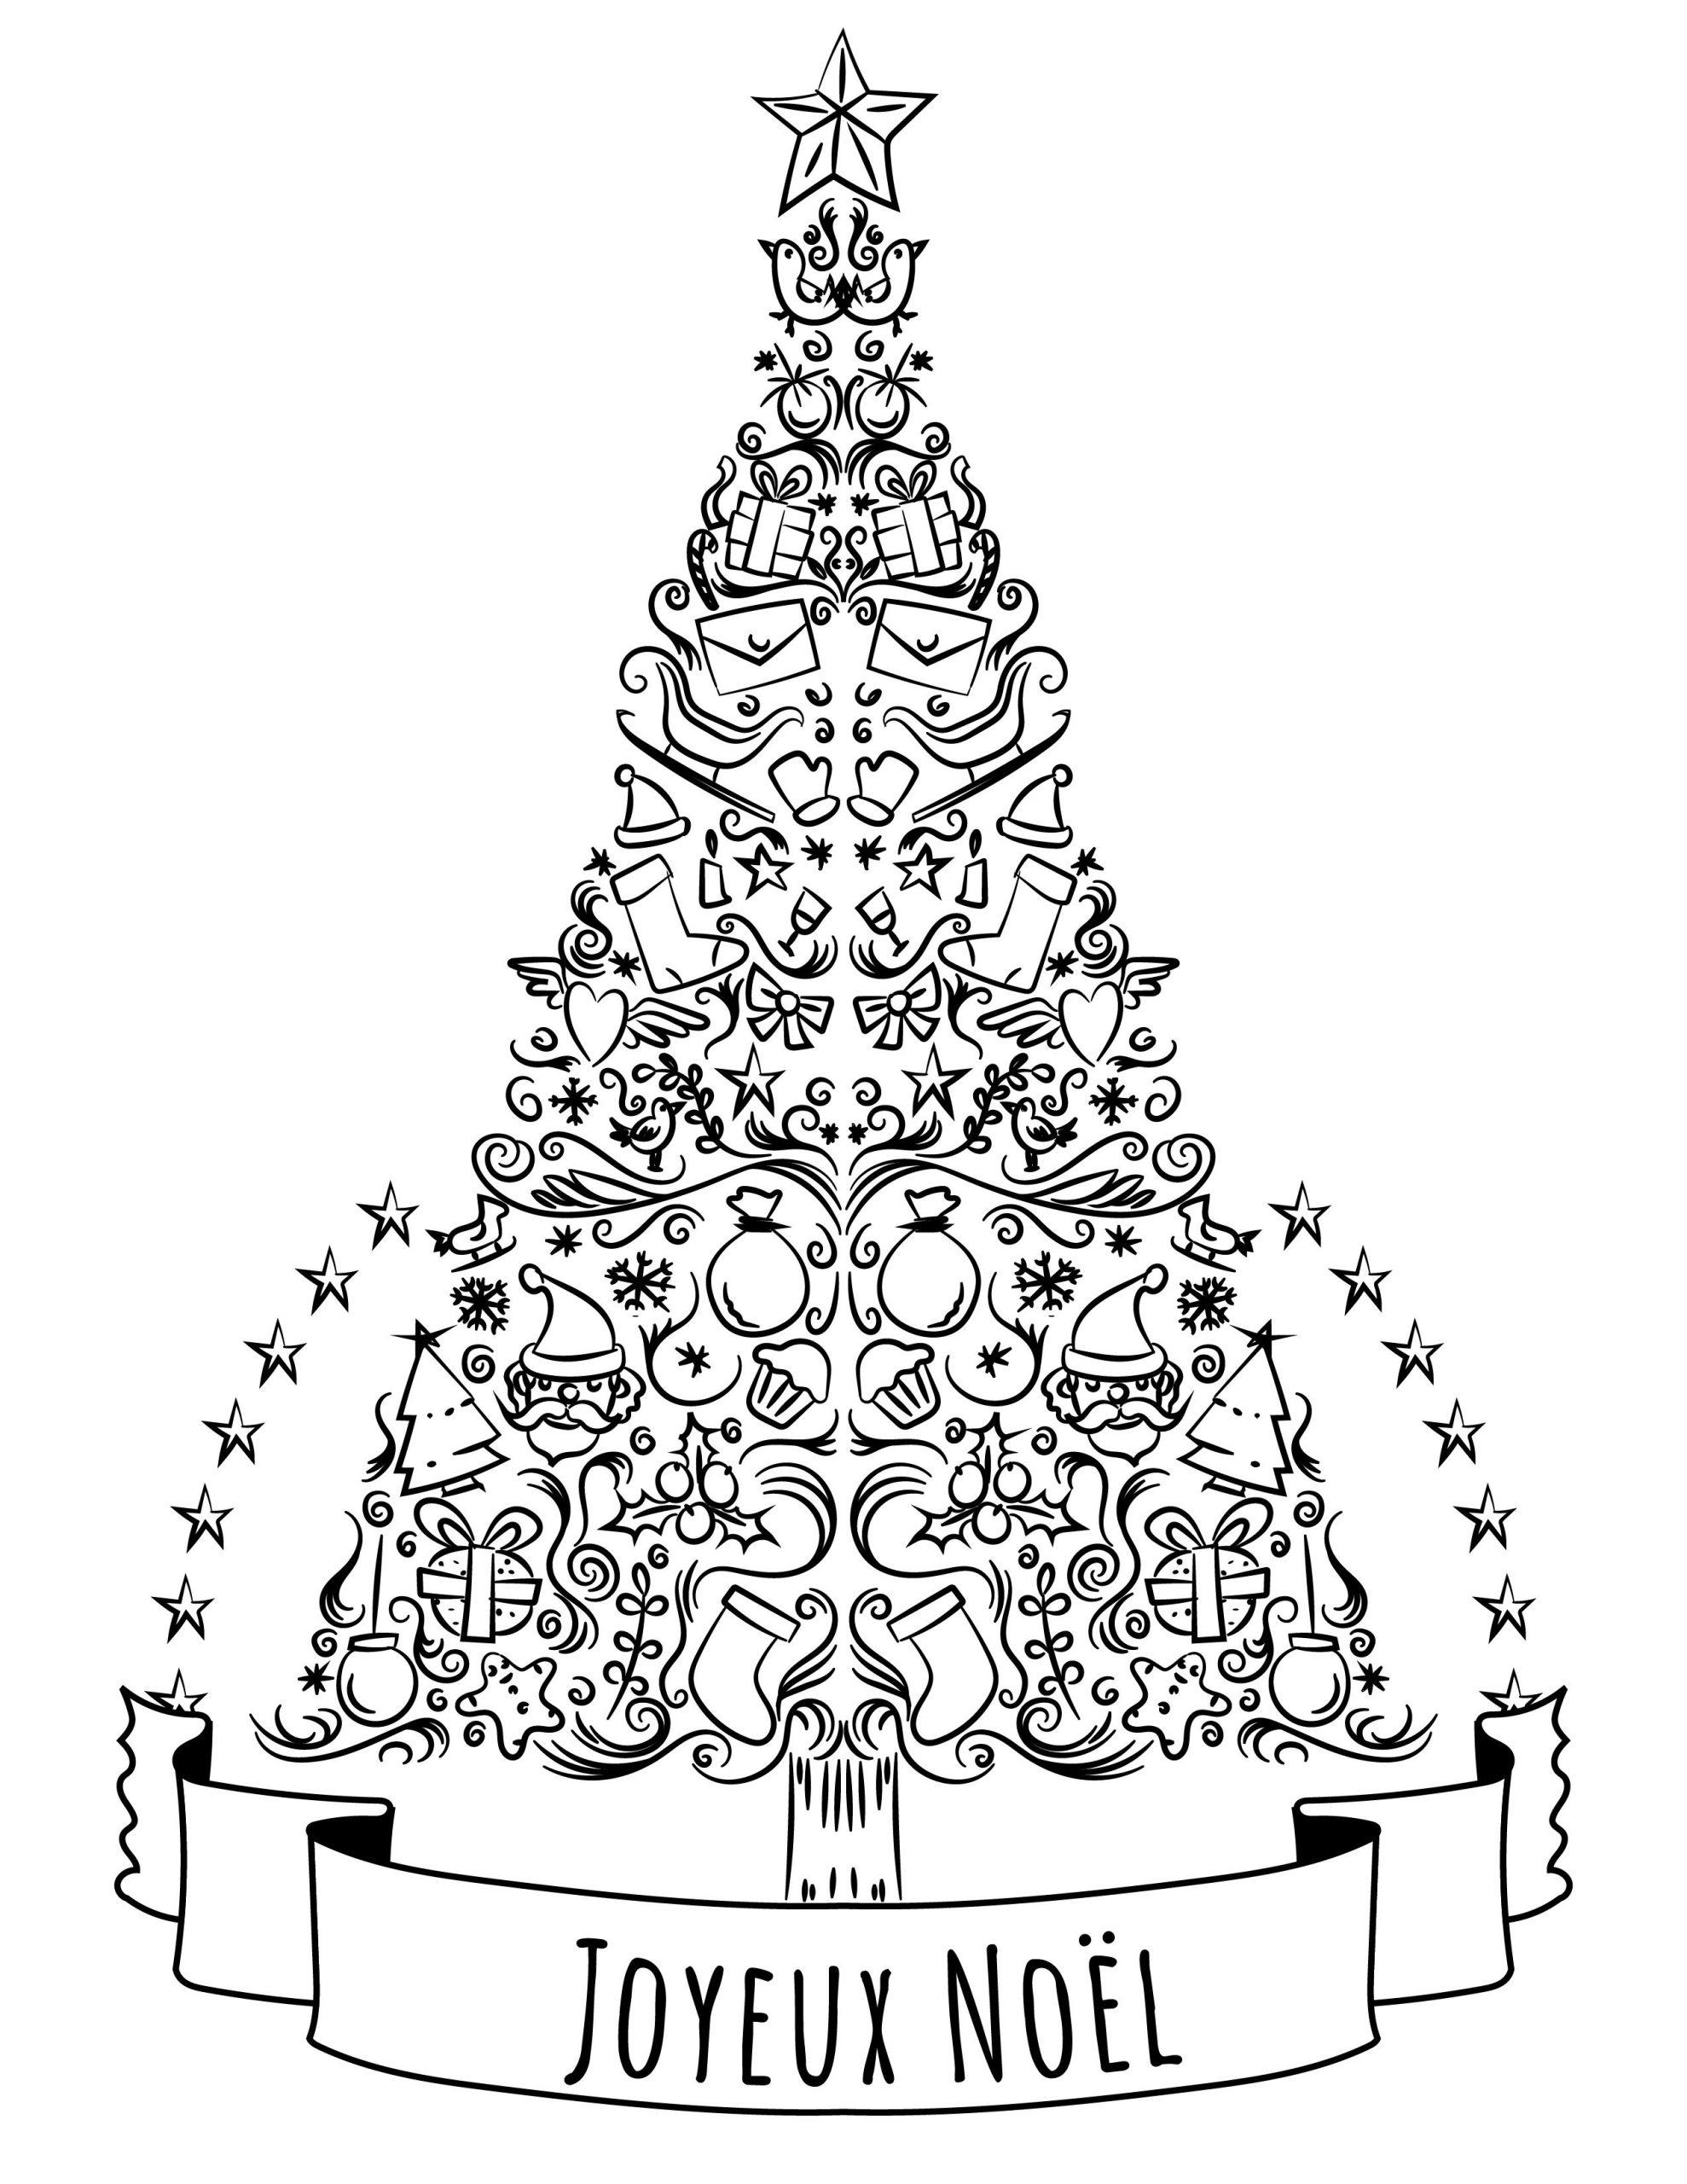 Sapin De Noel A Colorier Tres Difficile | French Christmas destiné Coloriage De Sapin De Noel A Imprimer Gratuit